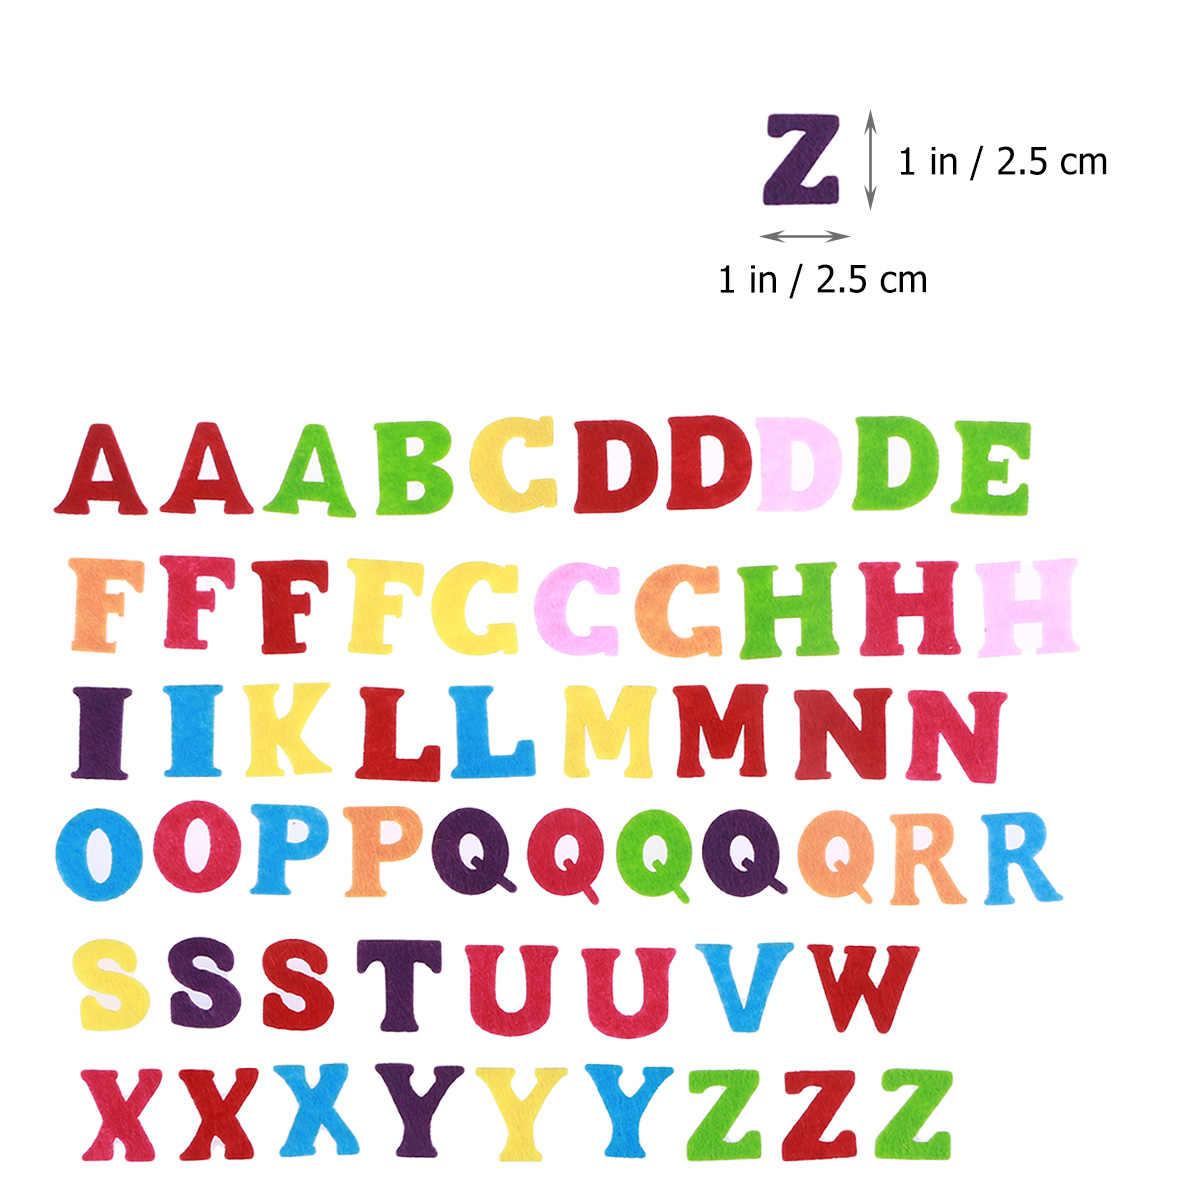 50pcs DIY Voelde Niet-geweven Stof Abc Letters Alfabet DIY Craft Handgemaakte Accessoire Voor Scrapbooking Kinderen Speelgoed Geschenken decoratie